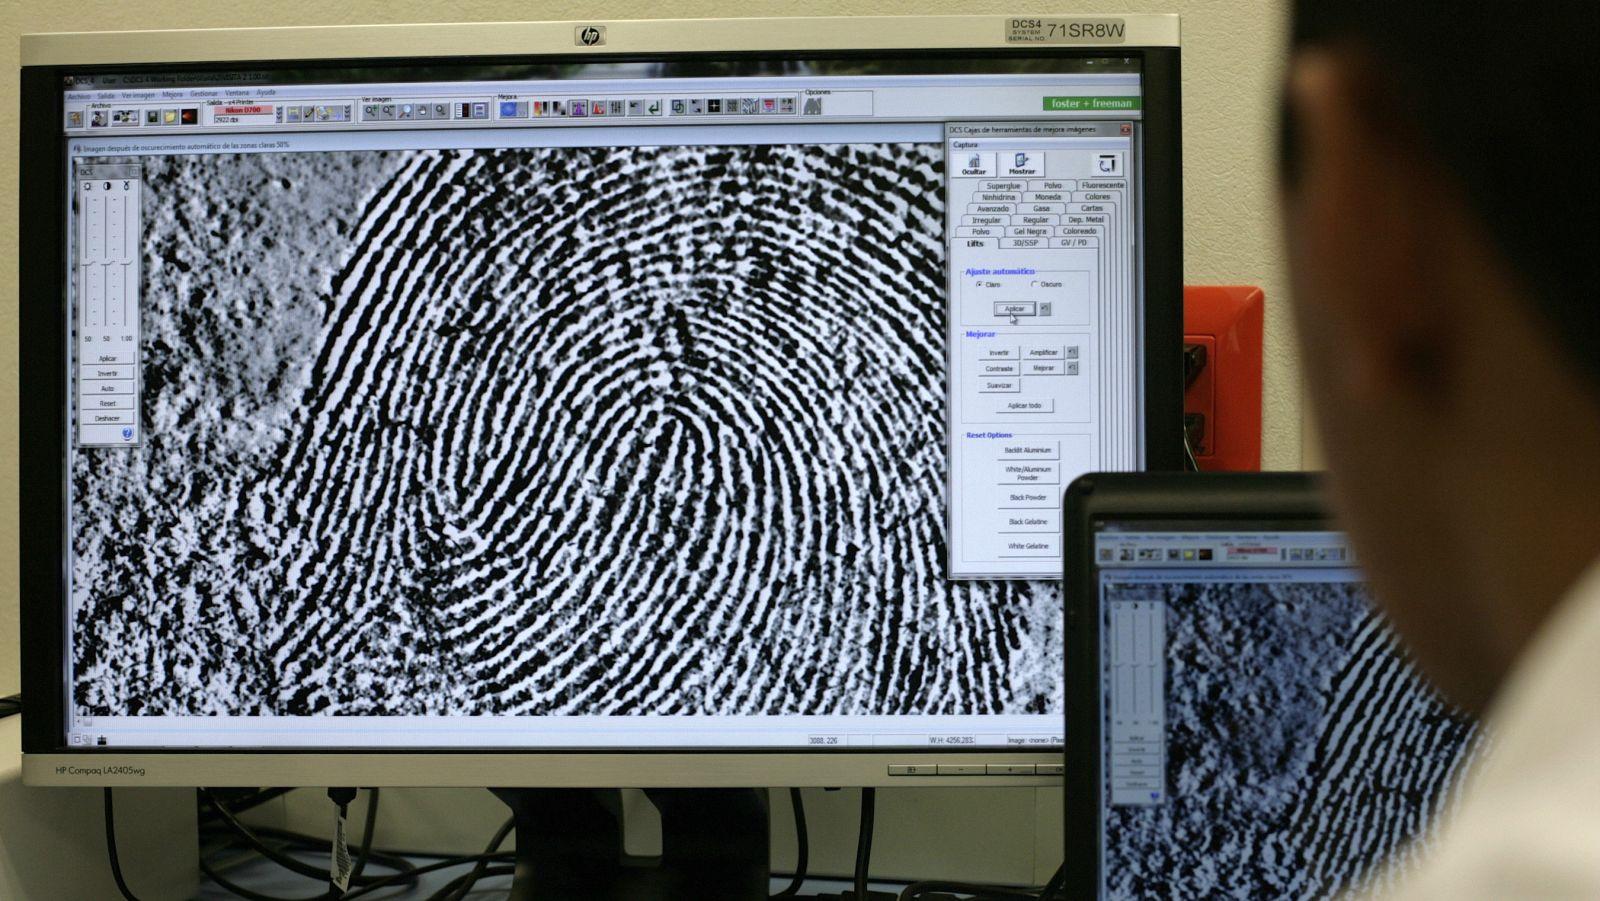 ЦБ определил угрозы при использовании биометрических данных граждан